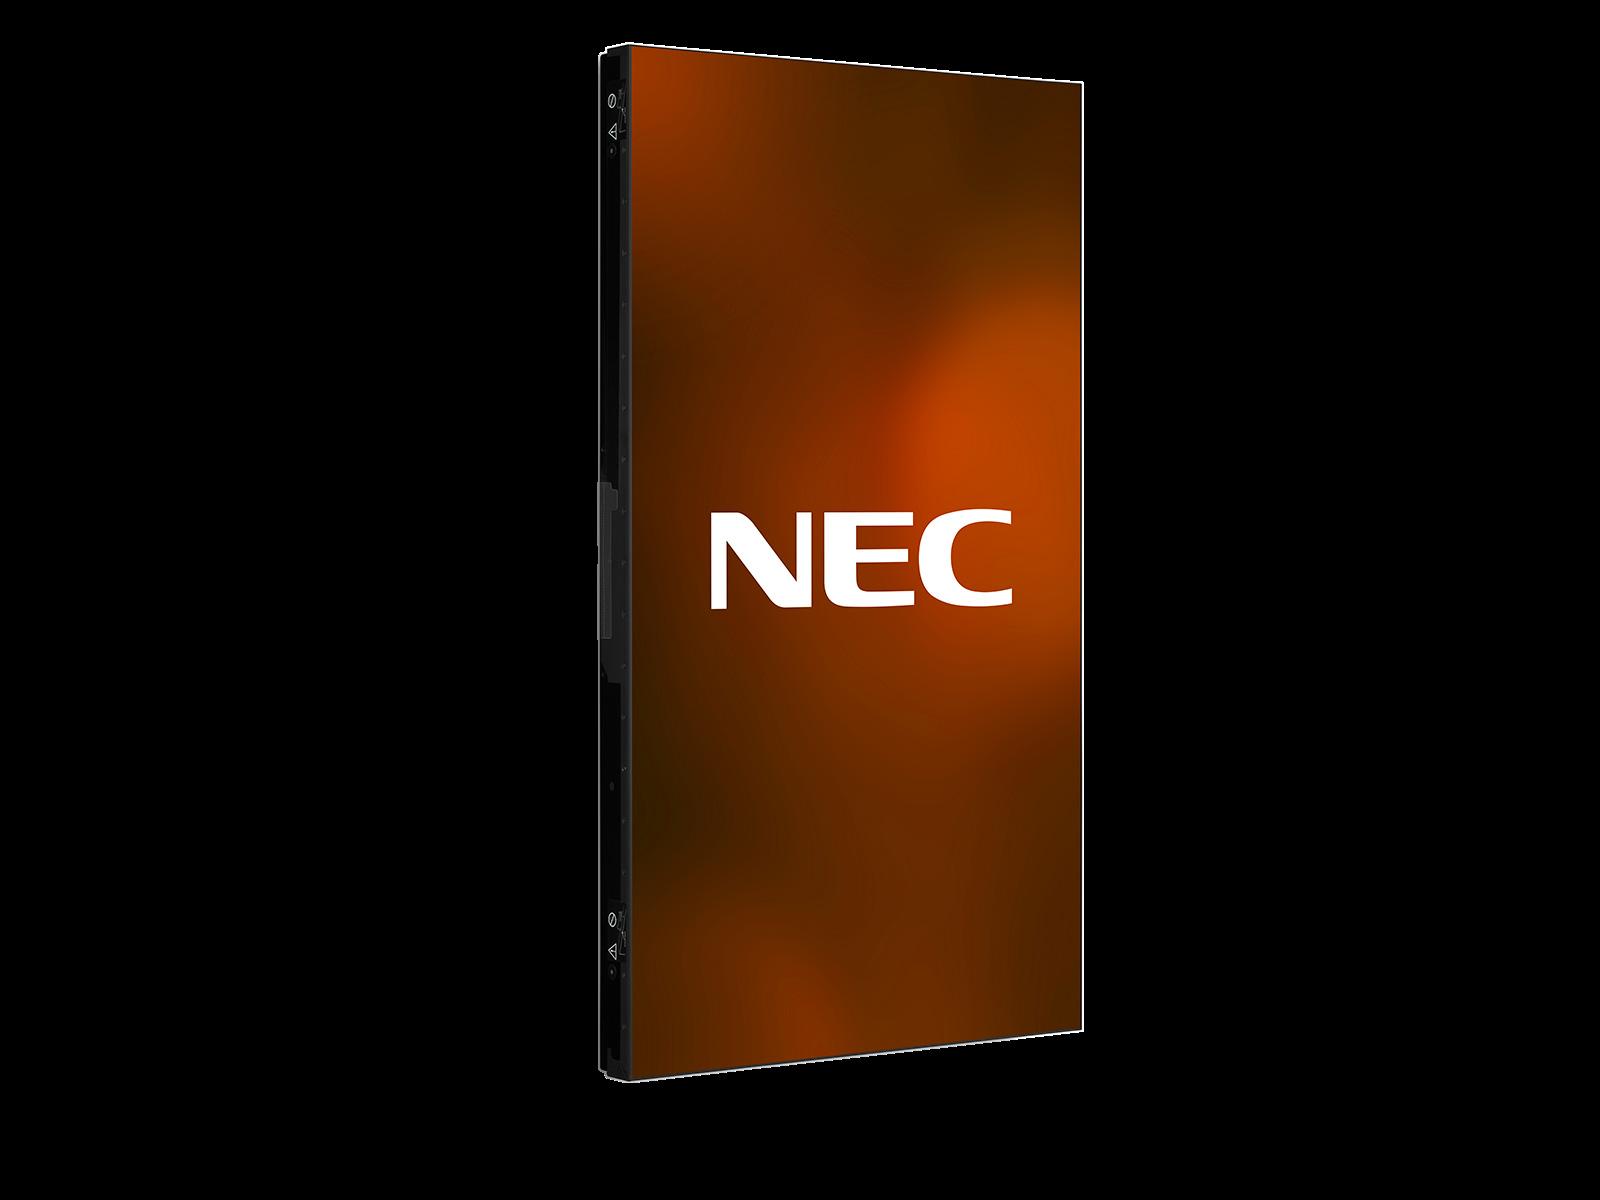 NEC_UN462A_Rt_Port_content-logo_1600x1200-4